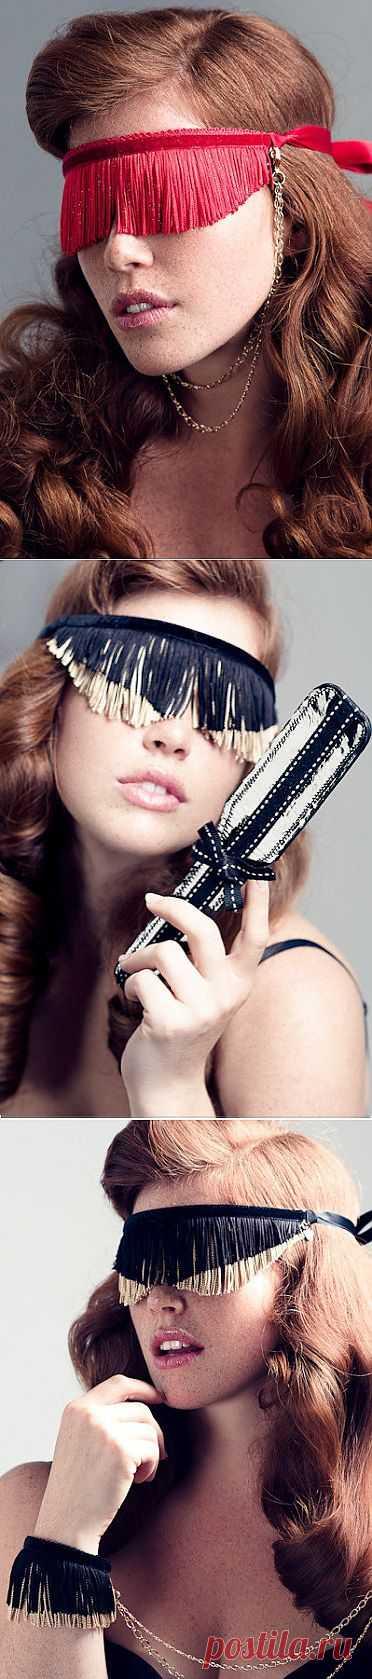 Необычные повязки на глаза - из бахромы / Аксессуары (не украшения) / Модный сайт о стильной переделке одежды и интерьера